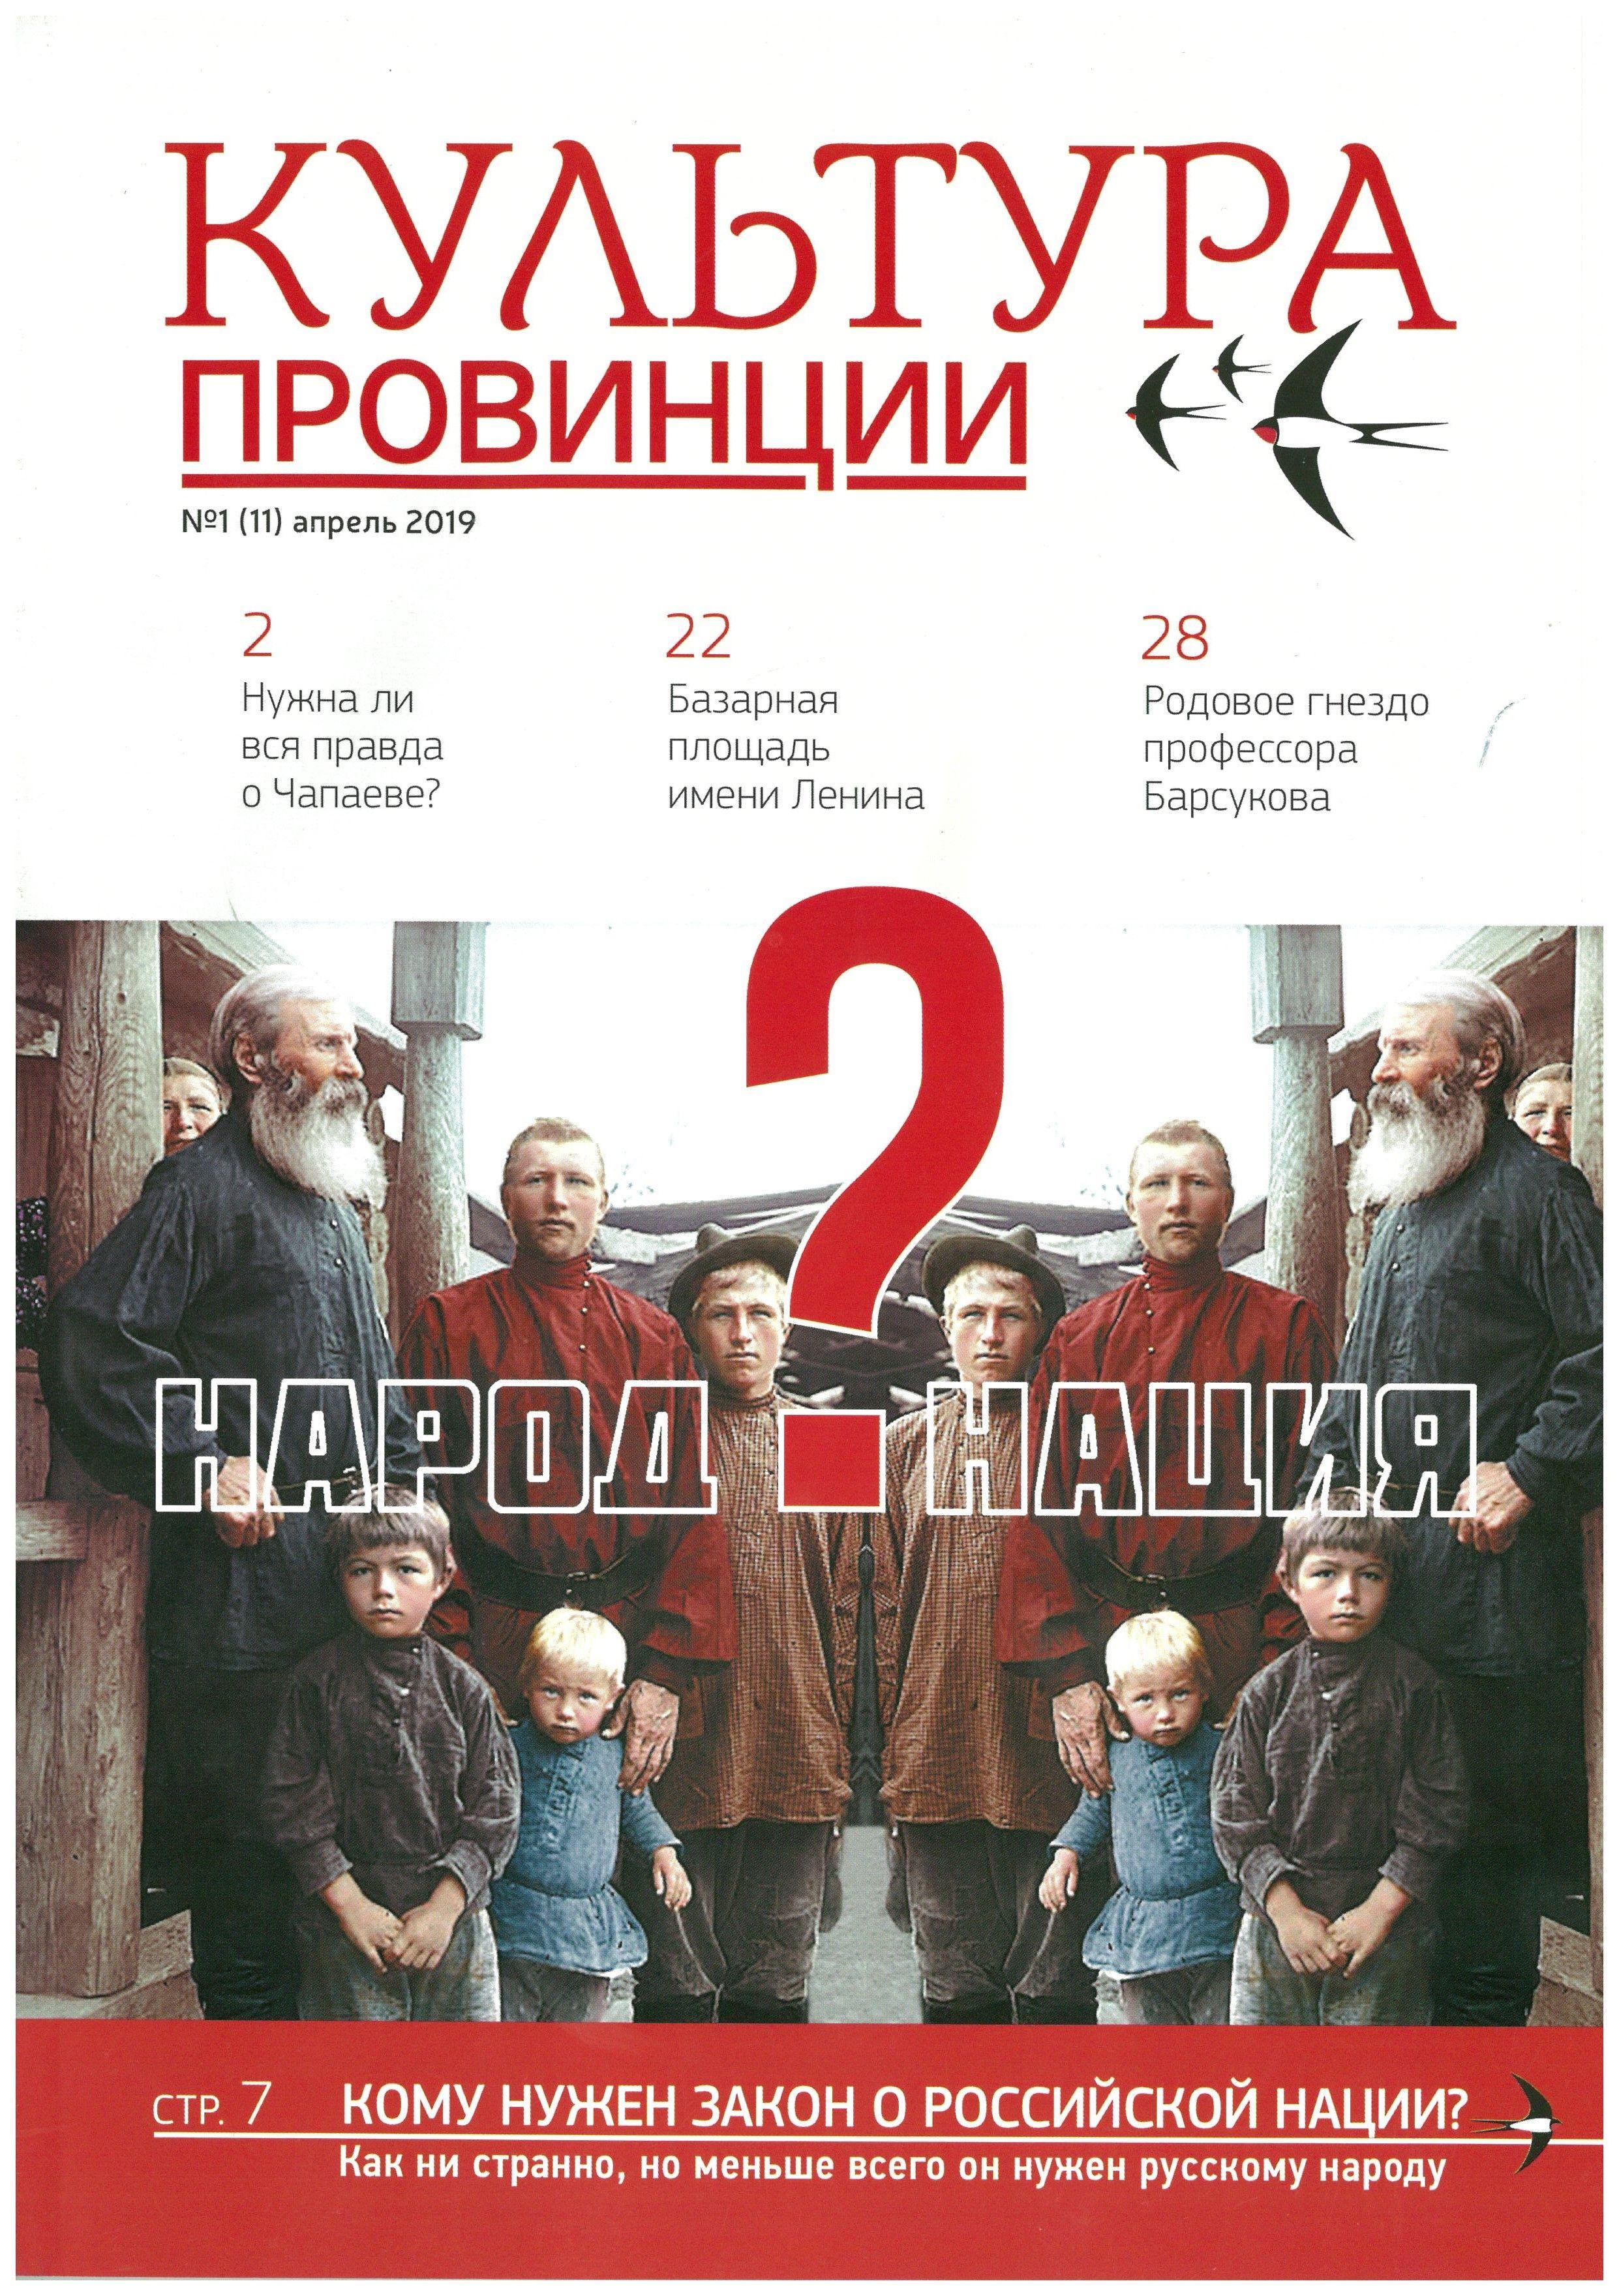 Журнал «Культура провинции», №1(11) апрель 2019 г.